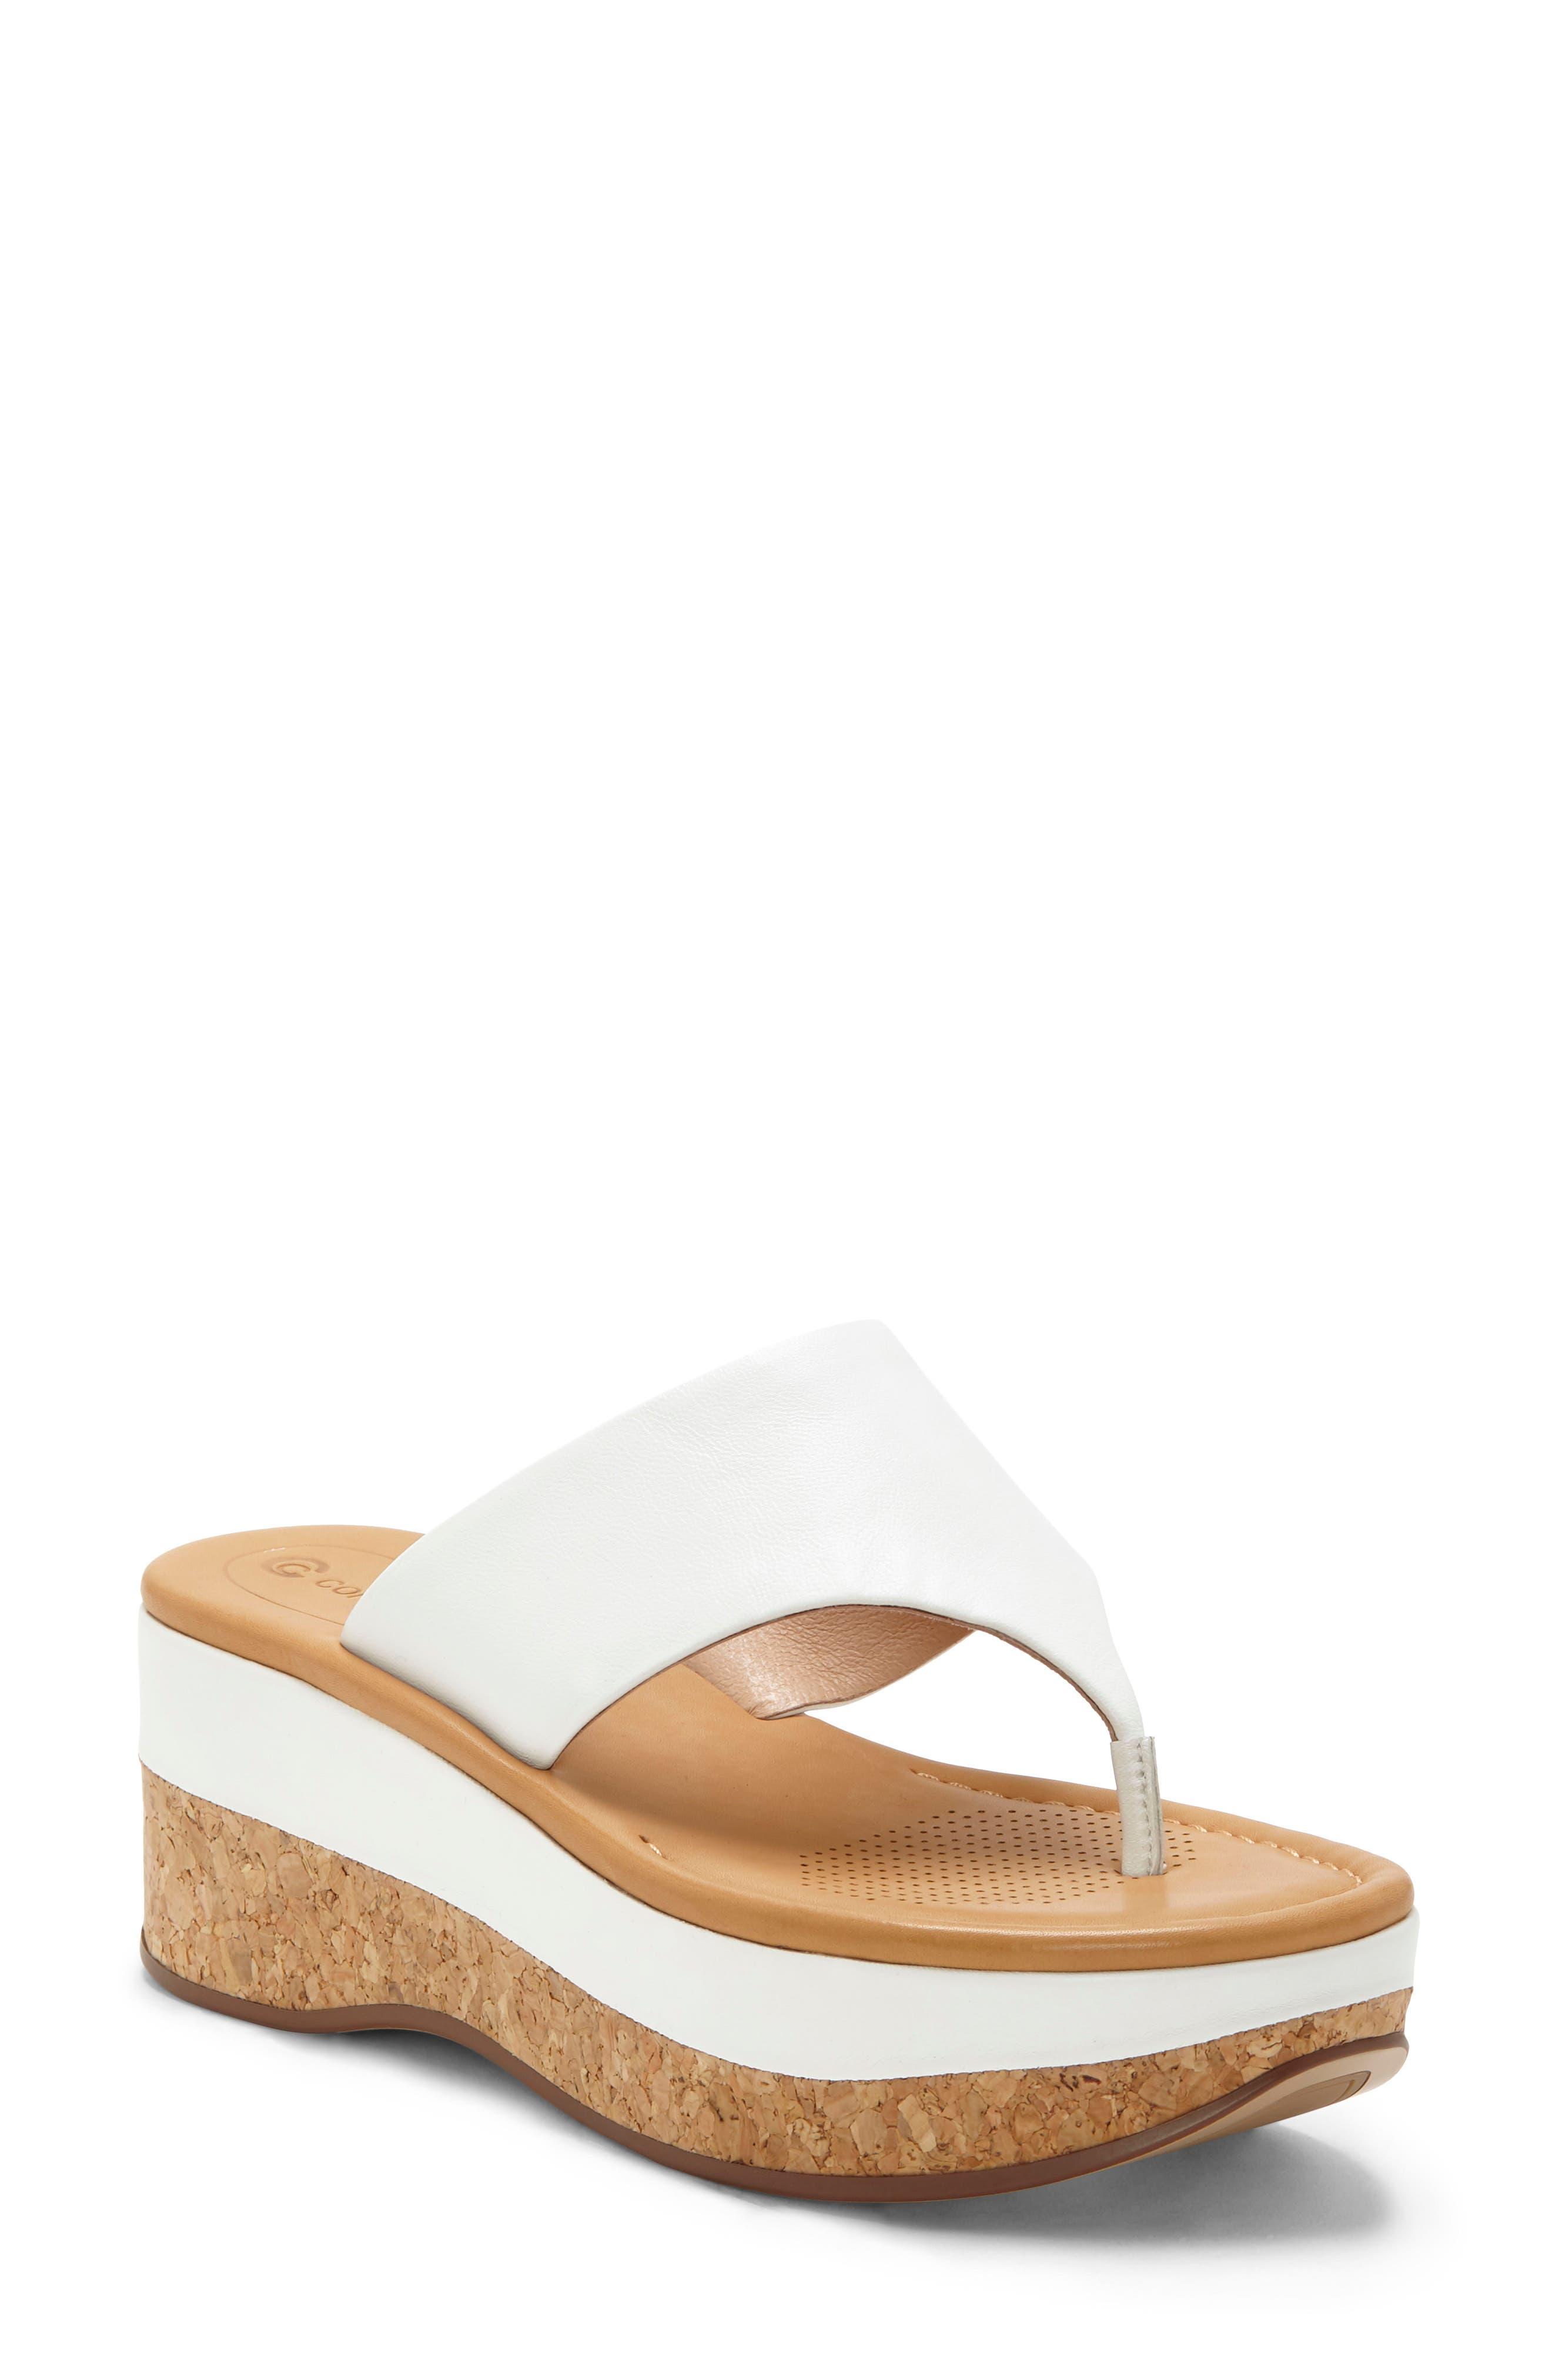 Women's Cc Corso Como Arowin Sandal